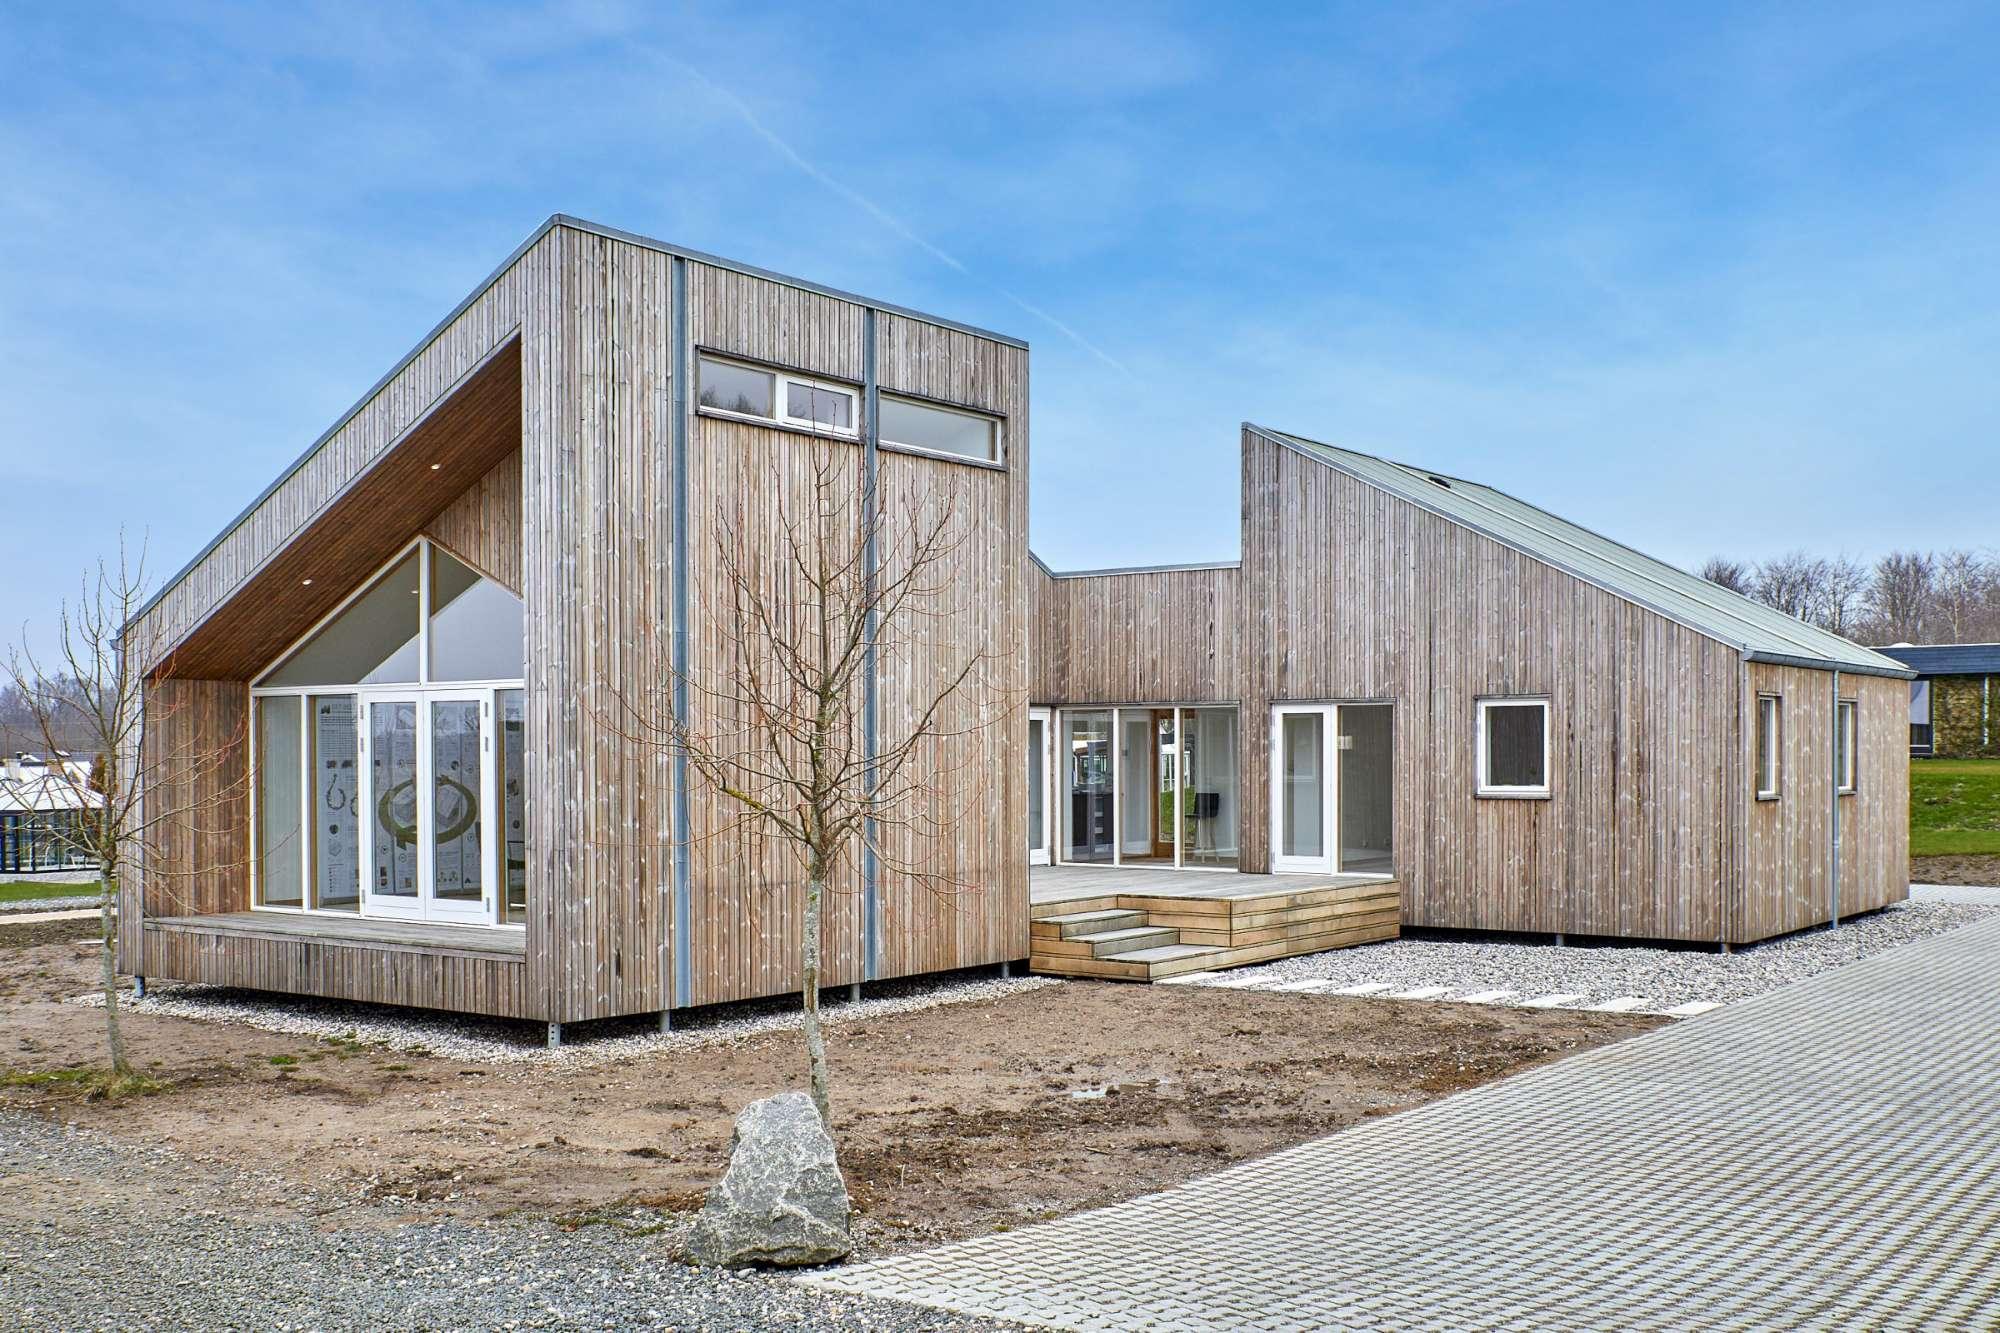 Bioedilizia, in Danimarca una casa costruita con scarti agricoli